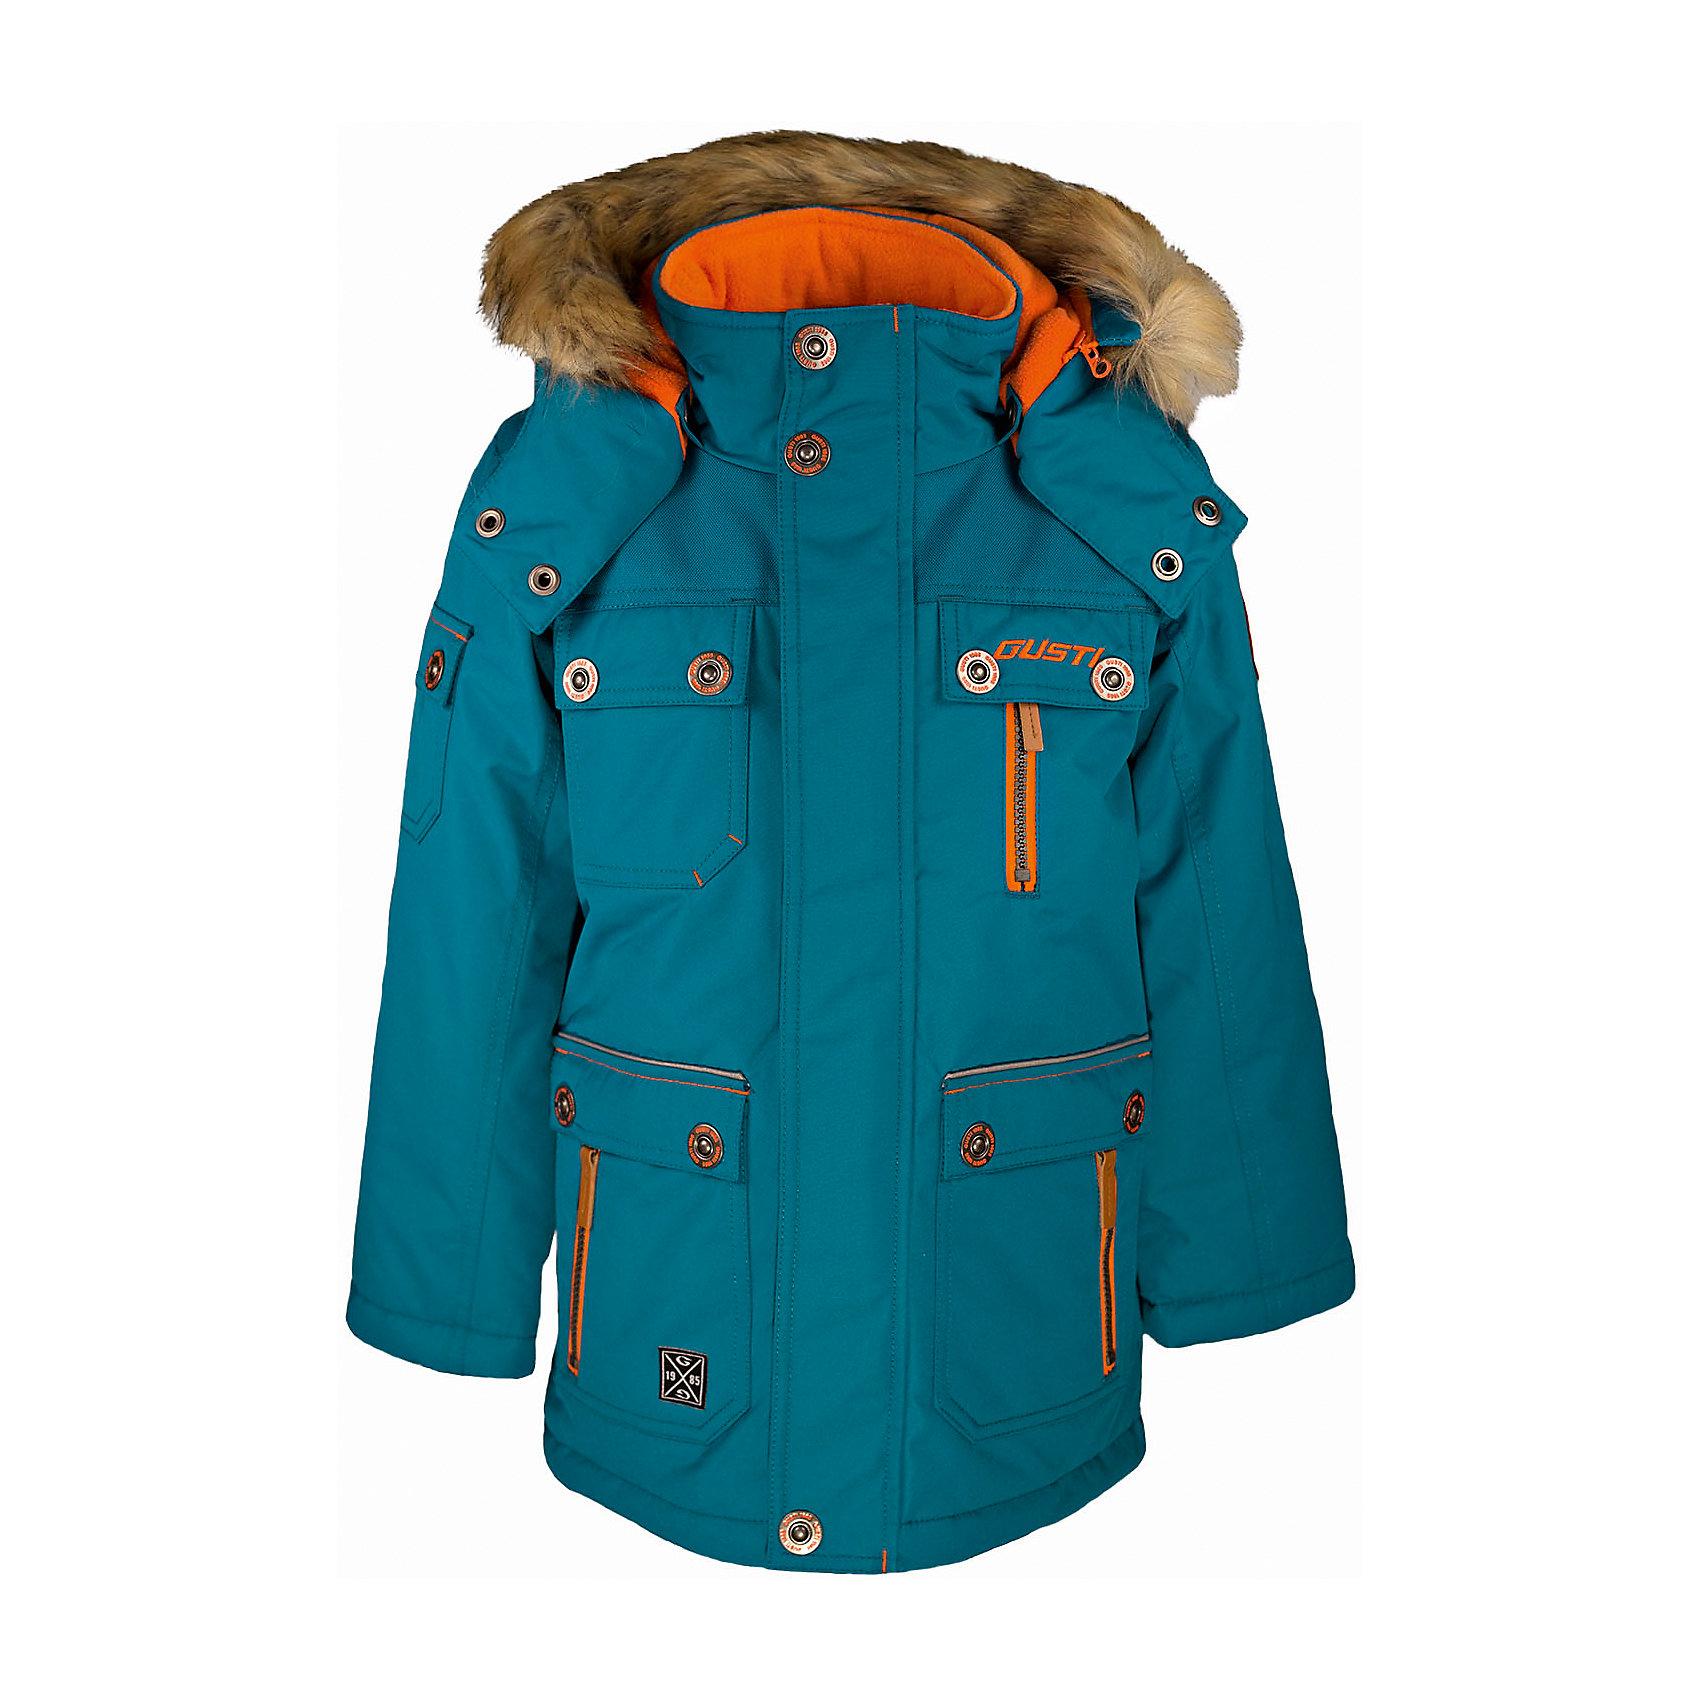 Куртка GUSTIВерхняя одежда<br>Куртка GUSTI (ГУСТИ) – это идеальный вариант для суровой зимы с сильными морозами.<br><br>Температурный режим: до -30  градусов. Степень утепления – высокая. <br><br>* Температурный режим указан приблизительно — необходимо, прежде всего, ориентироваться на ощущения ребенка. Температурный режим работает в случае соблюдения правила многослойности – использования флисовой поддевы и термобелья.<br><br>Удлиненная куртка прямого кроя от GUSTI (ГУСТИ) выполнена из плотного непромокаемого материала с защитной от влаги мембраной 5000 мм. Тань хорошо сохраняет тепло, отталкивает влагу и позволяет коже ребенка дышать. Утеплитель из тек-полифилла и флисовая внутренняя отделка на груди и на спинке дают возможность использовать куртку при очень низких температурах. Куртка застегивается на молнию с ветрозащитной планкой, имеет удобные карманы, кулиску внутри по талии, высокий ворот с защитой шеи и подбородка, съемный капюшон с флисовой подкладкой и отстегивающейся оторочкой из искусственного меха. Модель подходит для прогулок на морозе до -30 градусов.<br><br>Дополнительная информация:<br><br>- Сезон: зима<br>- Пол: мальчик<br>- Цвет: голубой<br>- Температурный режим до -30 градусов<br>- Материал верха: shuss 5000мм (100% полиэстер)<br>- Наполнитель: тек-полифилл плотностью 283 гр/м (10 унций) 100% полиэстер<br>- Подкладка: флис на груди и спинке (100% полиэстер)<br>- Молнии и фурнитура YKK<br>- Светоотражающие элементы 3М Scotchlite<br><br>Куртку GUSTI (ГУСТИ) можно купить в нашем интернет-магазине.<br><br>Ширина мм: 356<br>Глубина мм: 10<br>Высота мм: 245<br>Вес г: 519<br>Цвет: голубой<br>Возраст от месяцев: 12<br>Возраст до месяцев: 24<br>Пол: Мужской<br>Возраст: Детский<br>Размер: 98,100,104,110,116,92,164,120,122,128,140,152<br>SKU: 4972544